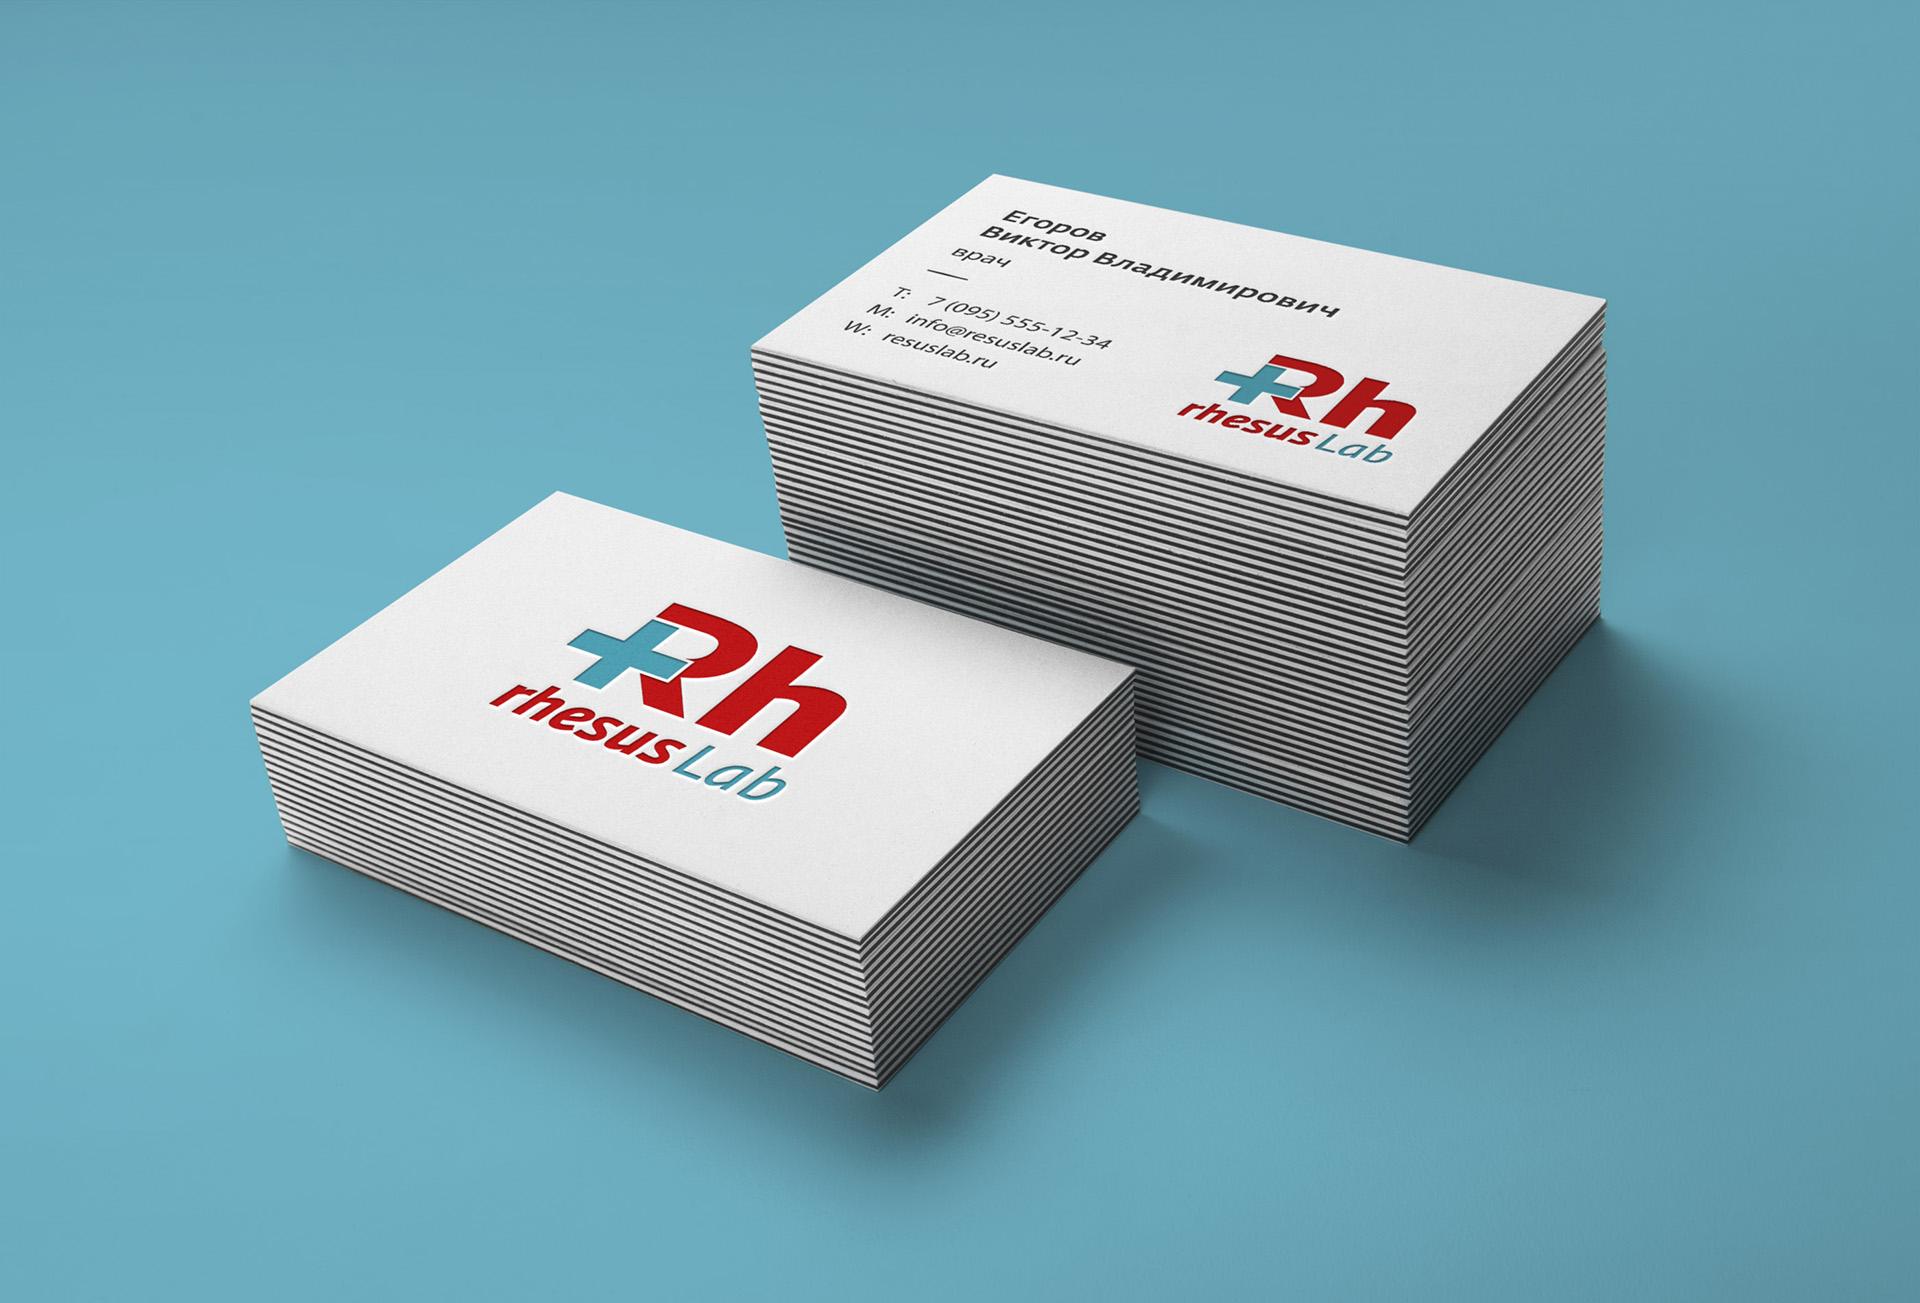 Resus Lab - лаборатория медицинских анализов, logo design